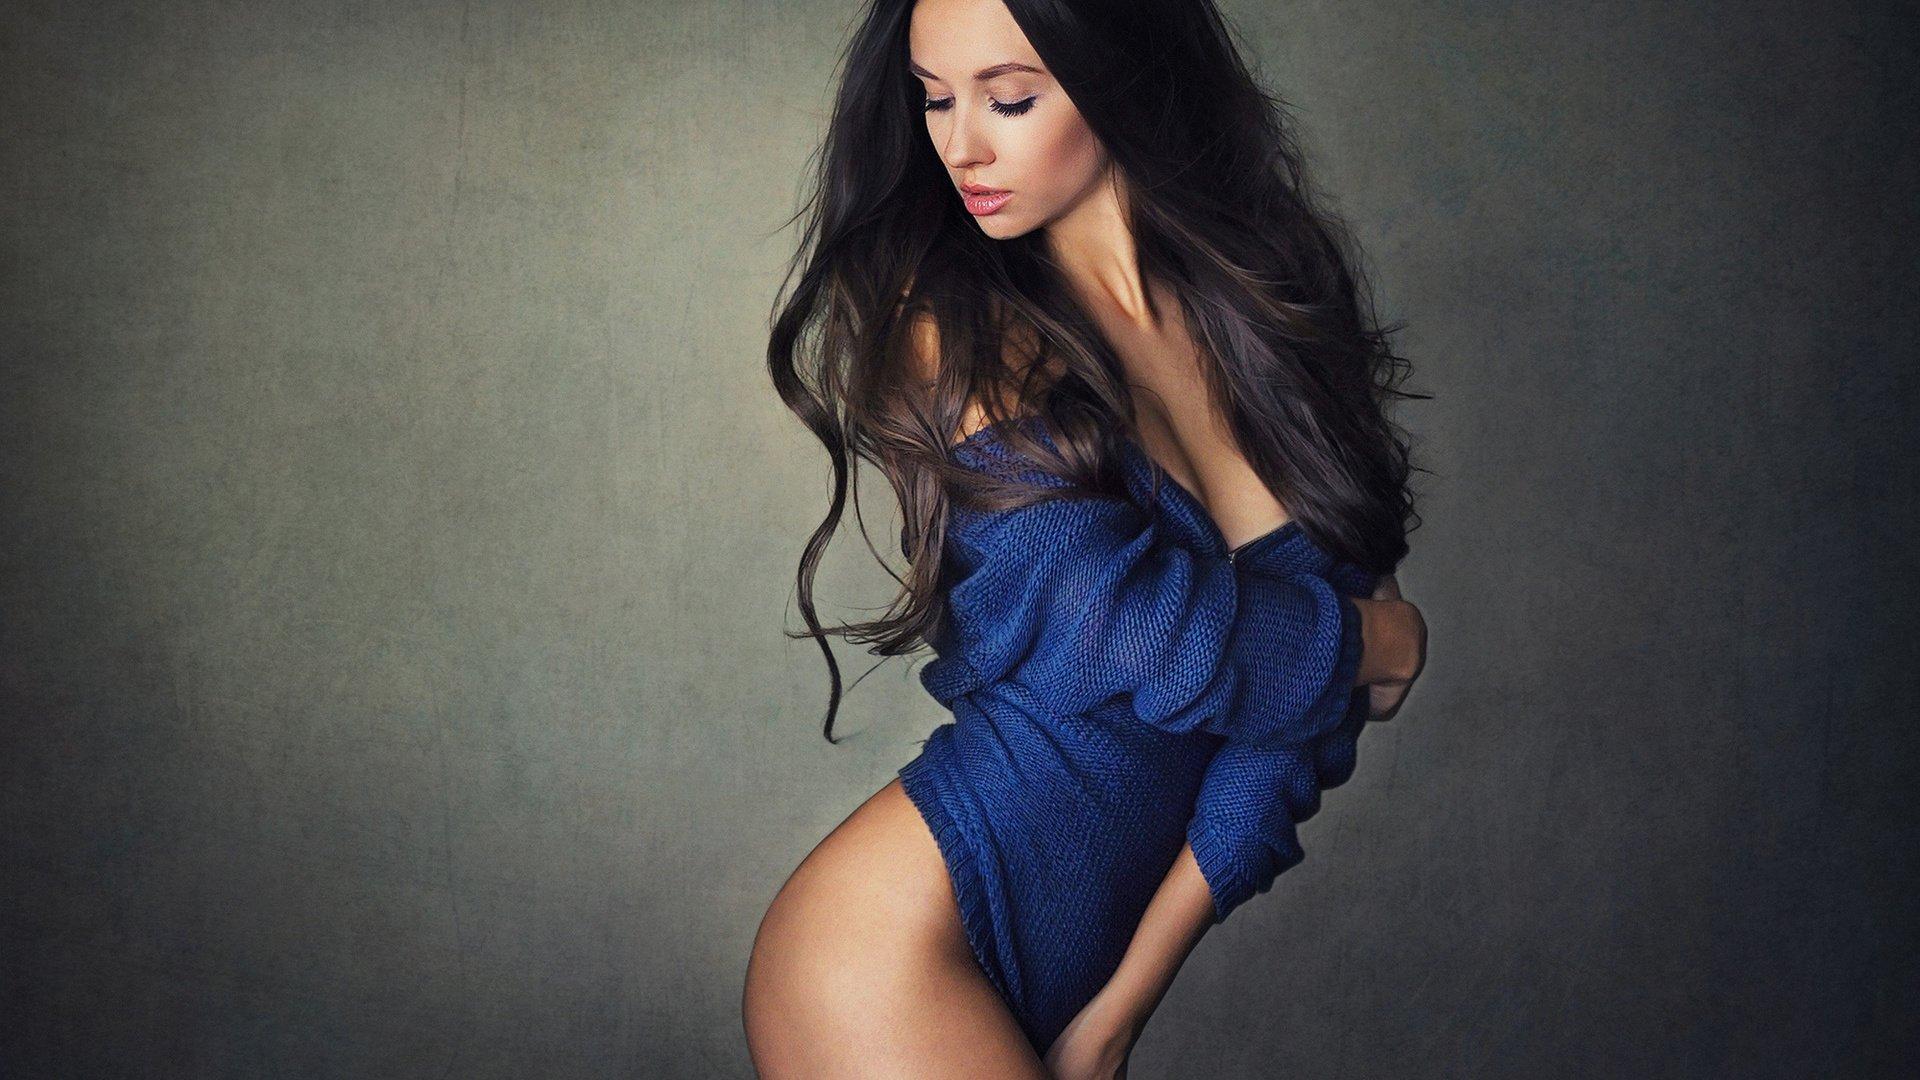 Самые красивые тела телки, Порно онлайн: Красивое тело - смотреть бесплатно 21 фотография